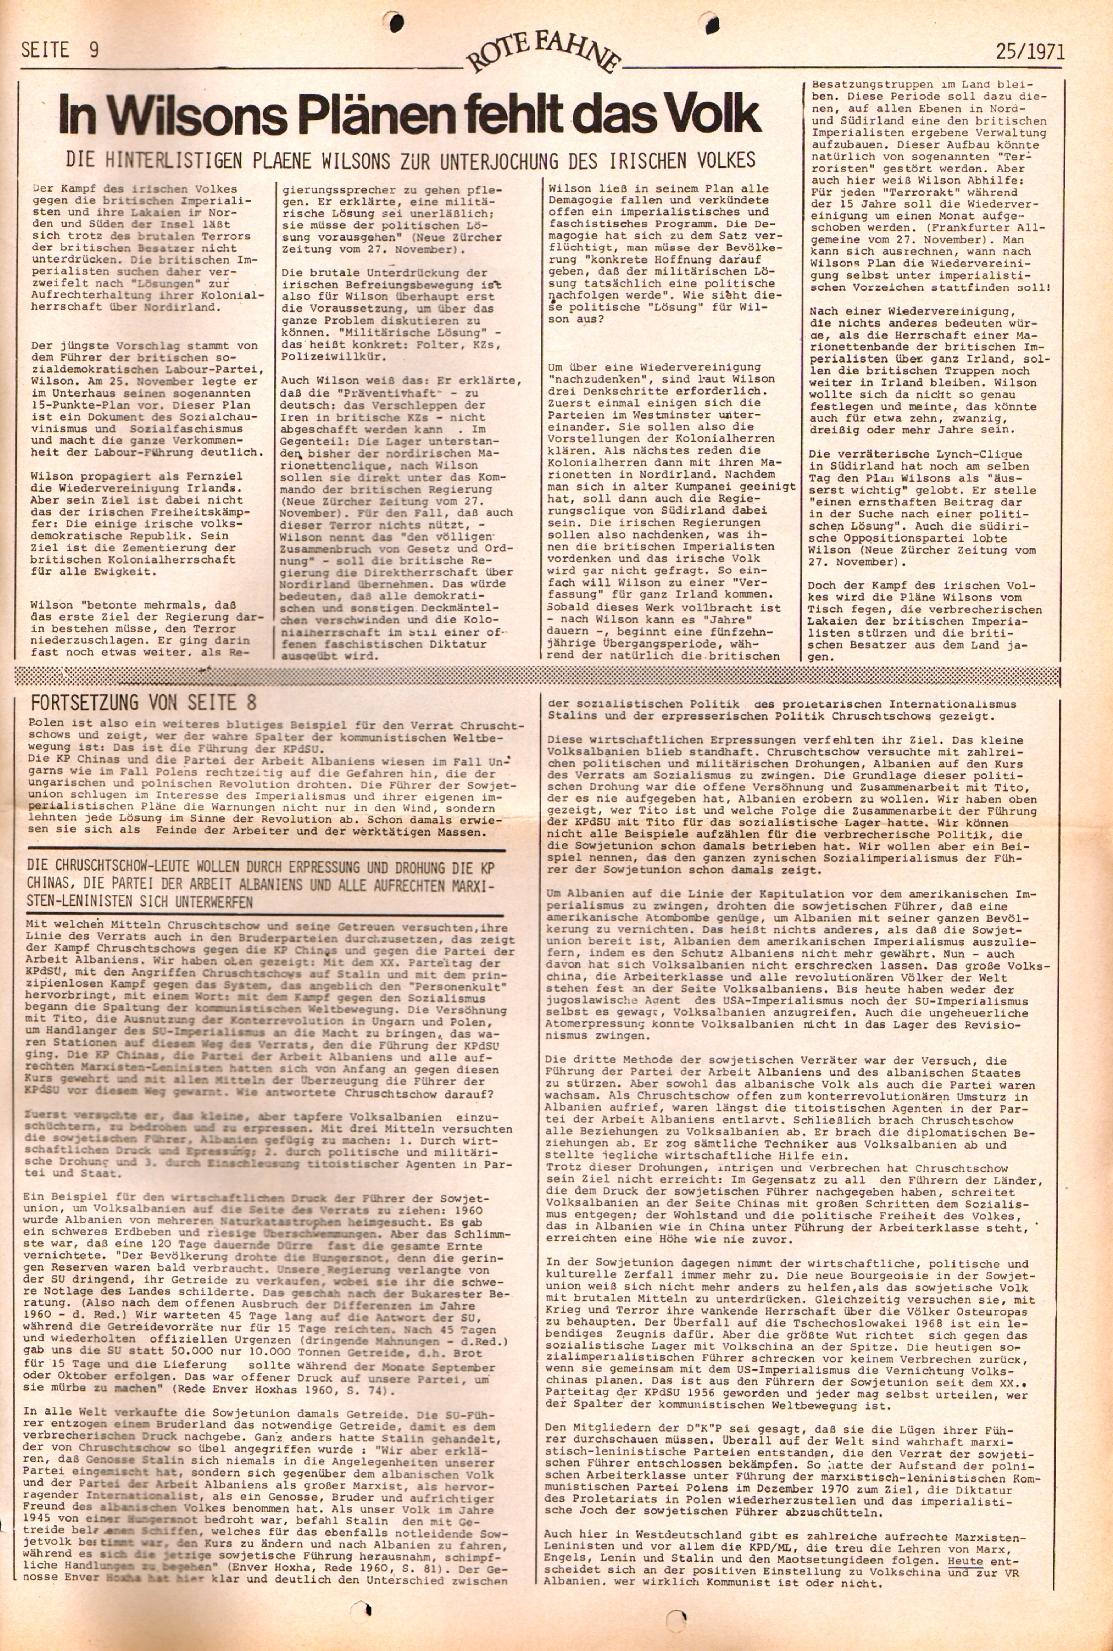 Rote Fahne, 2. Jg., 20.12.1971, Nr. 25, Seite 9